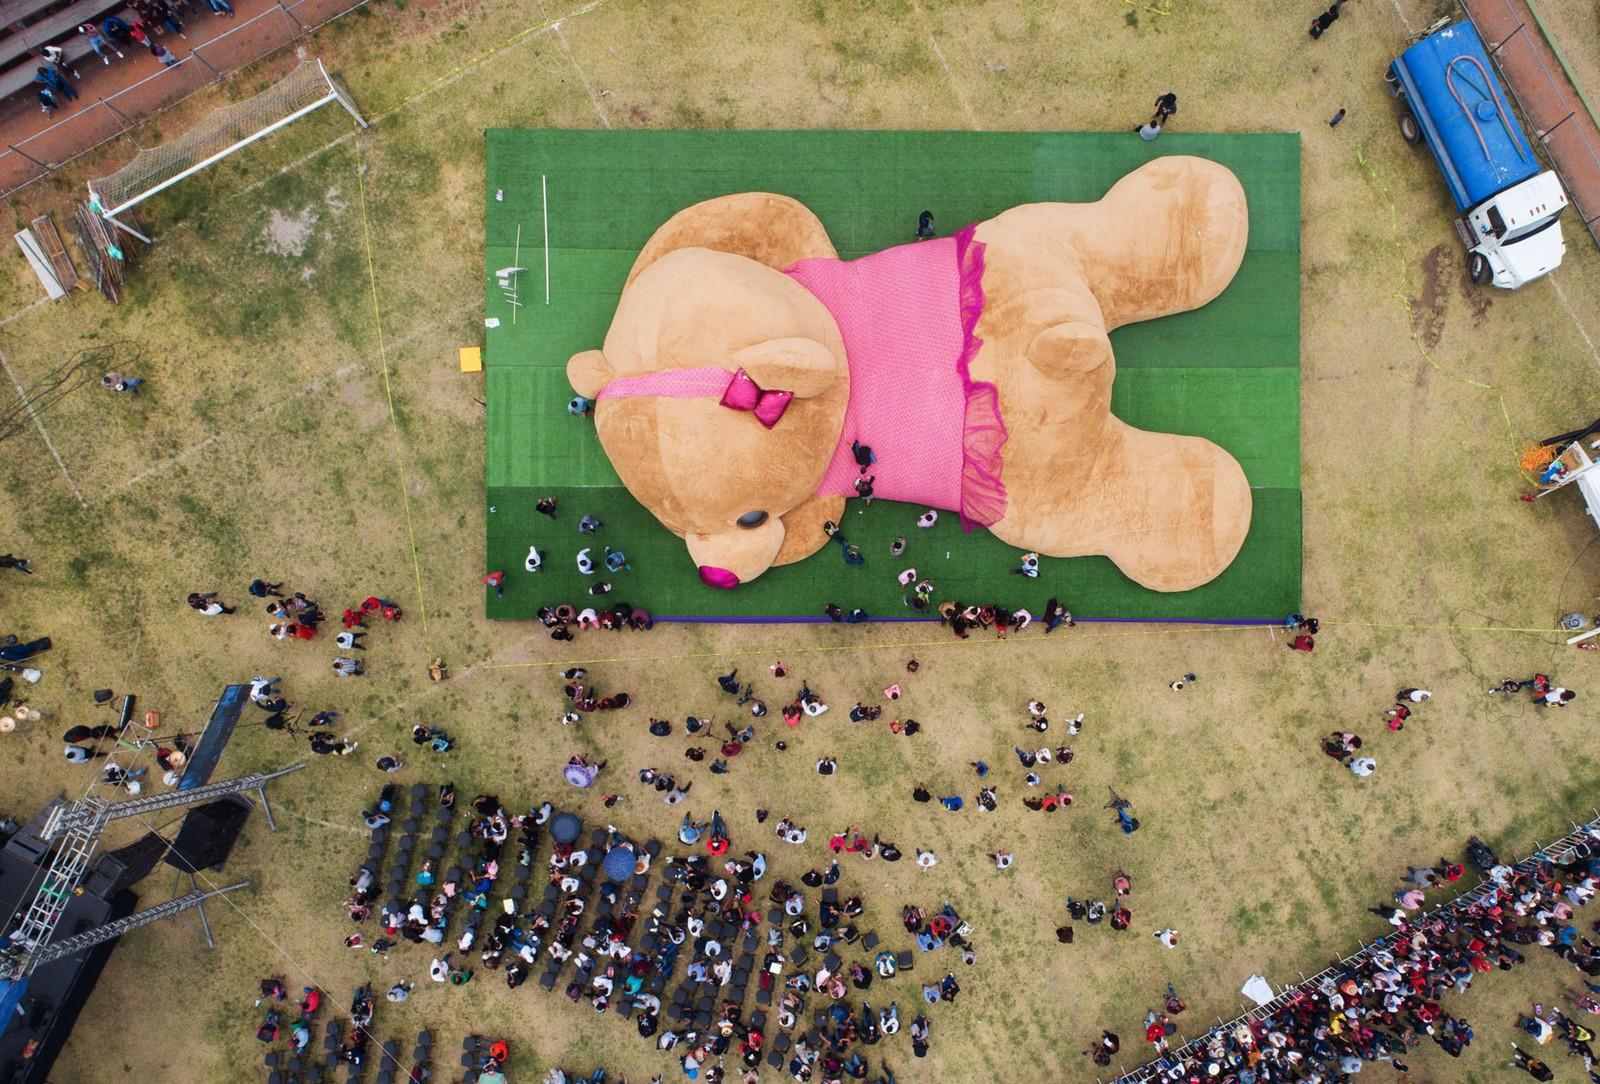 México bate recorde mundial com urso de pelúcia de 20 metros